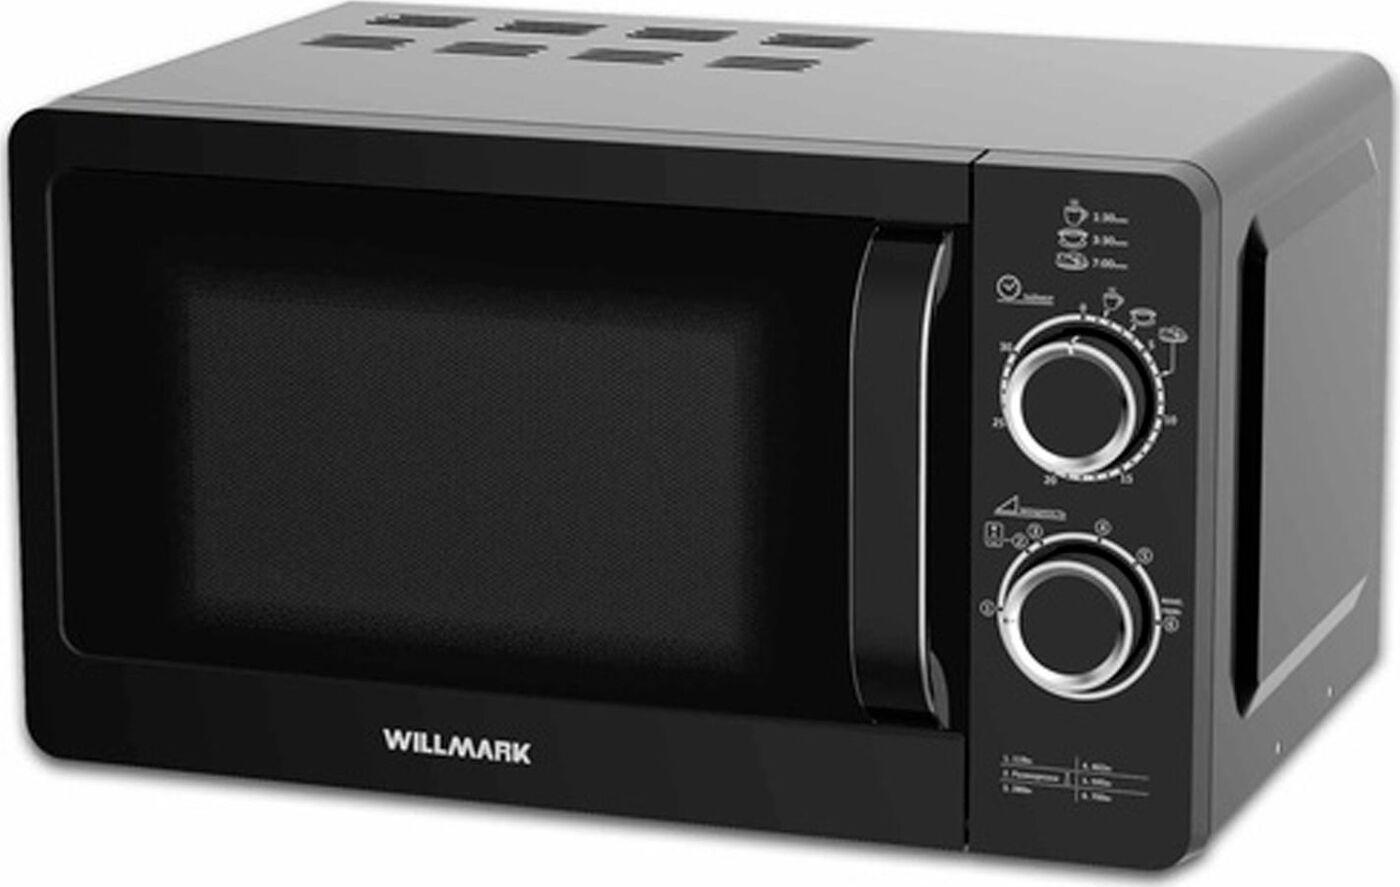 Микроволновая печь Willmark WMO-232MH, черный